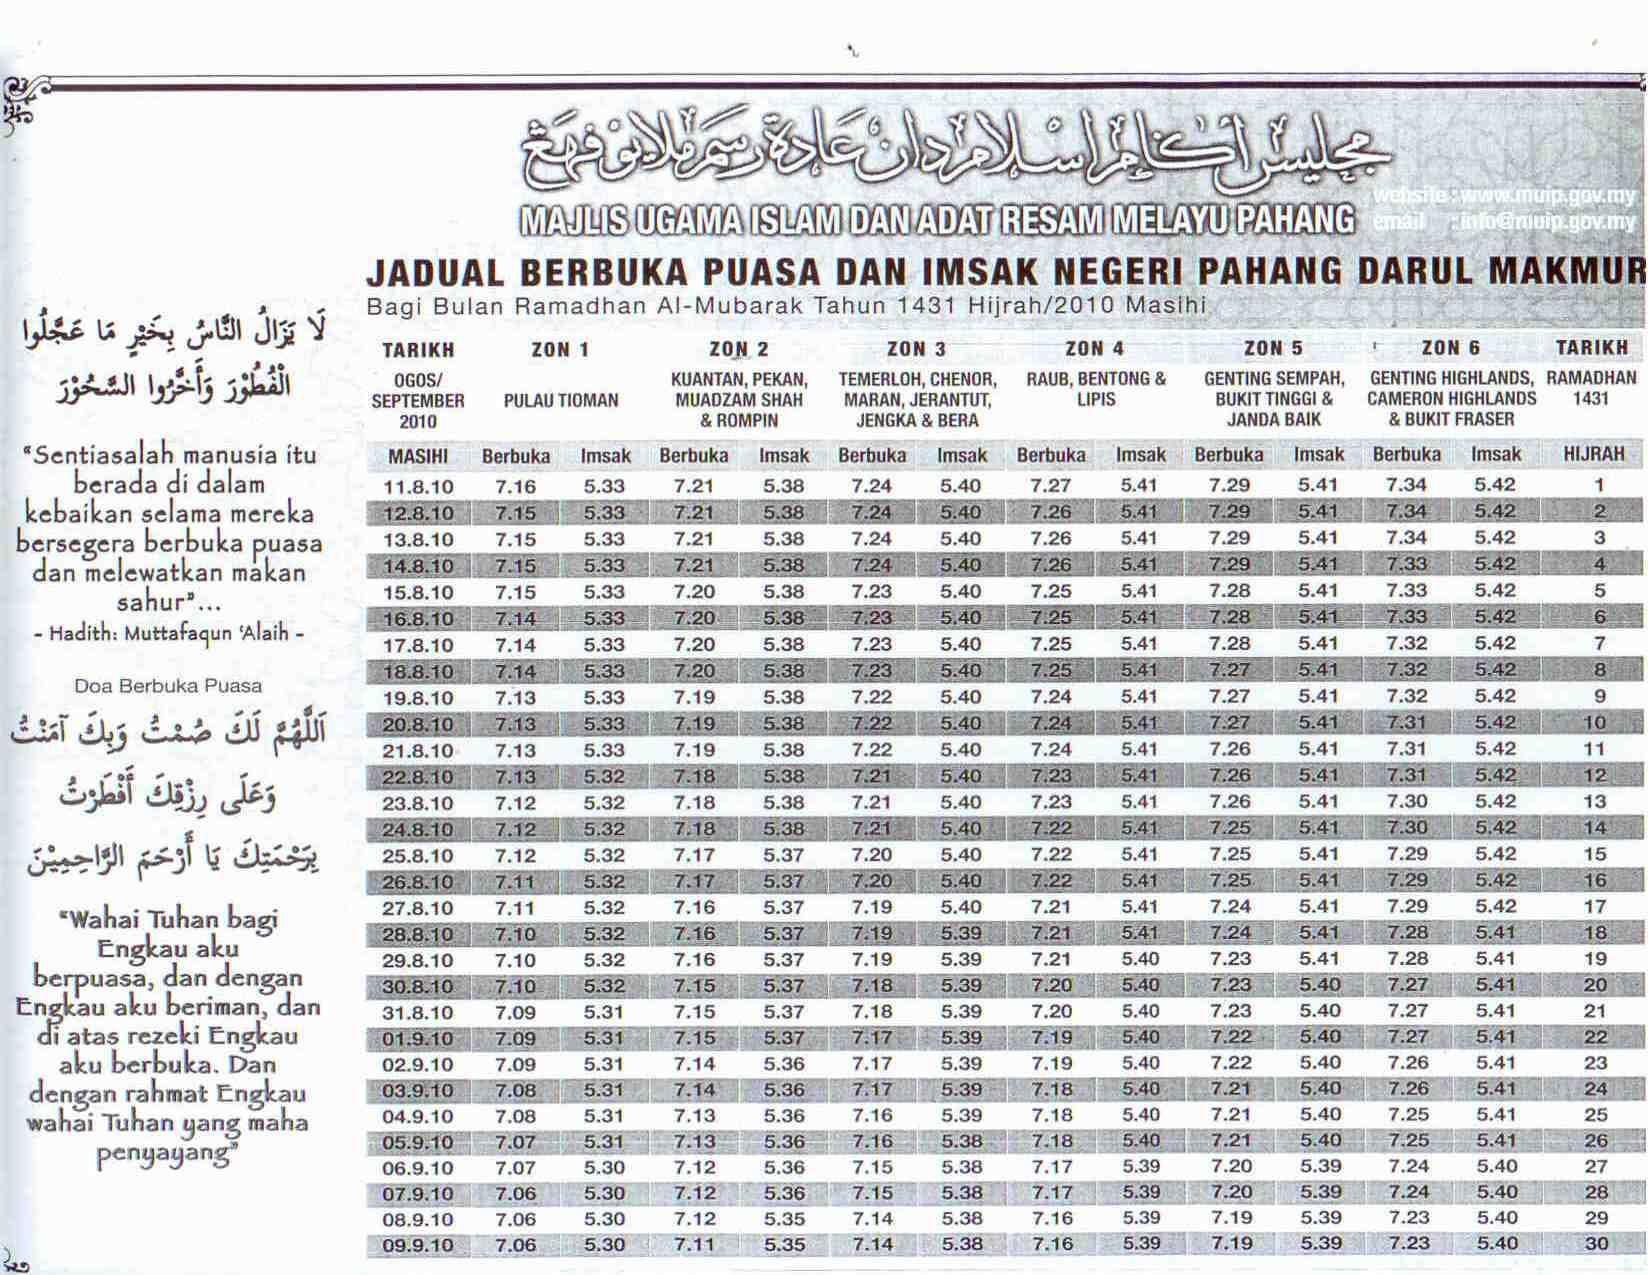 Jadual Berbuka Puasa dan Bersahur Negeri Pahang 2010